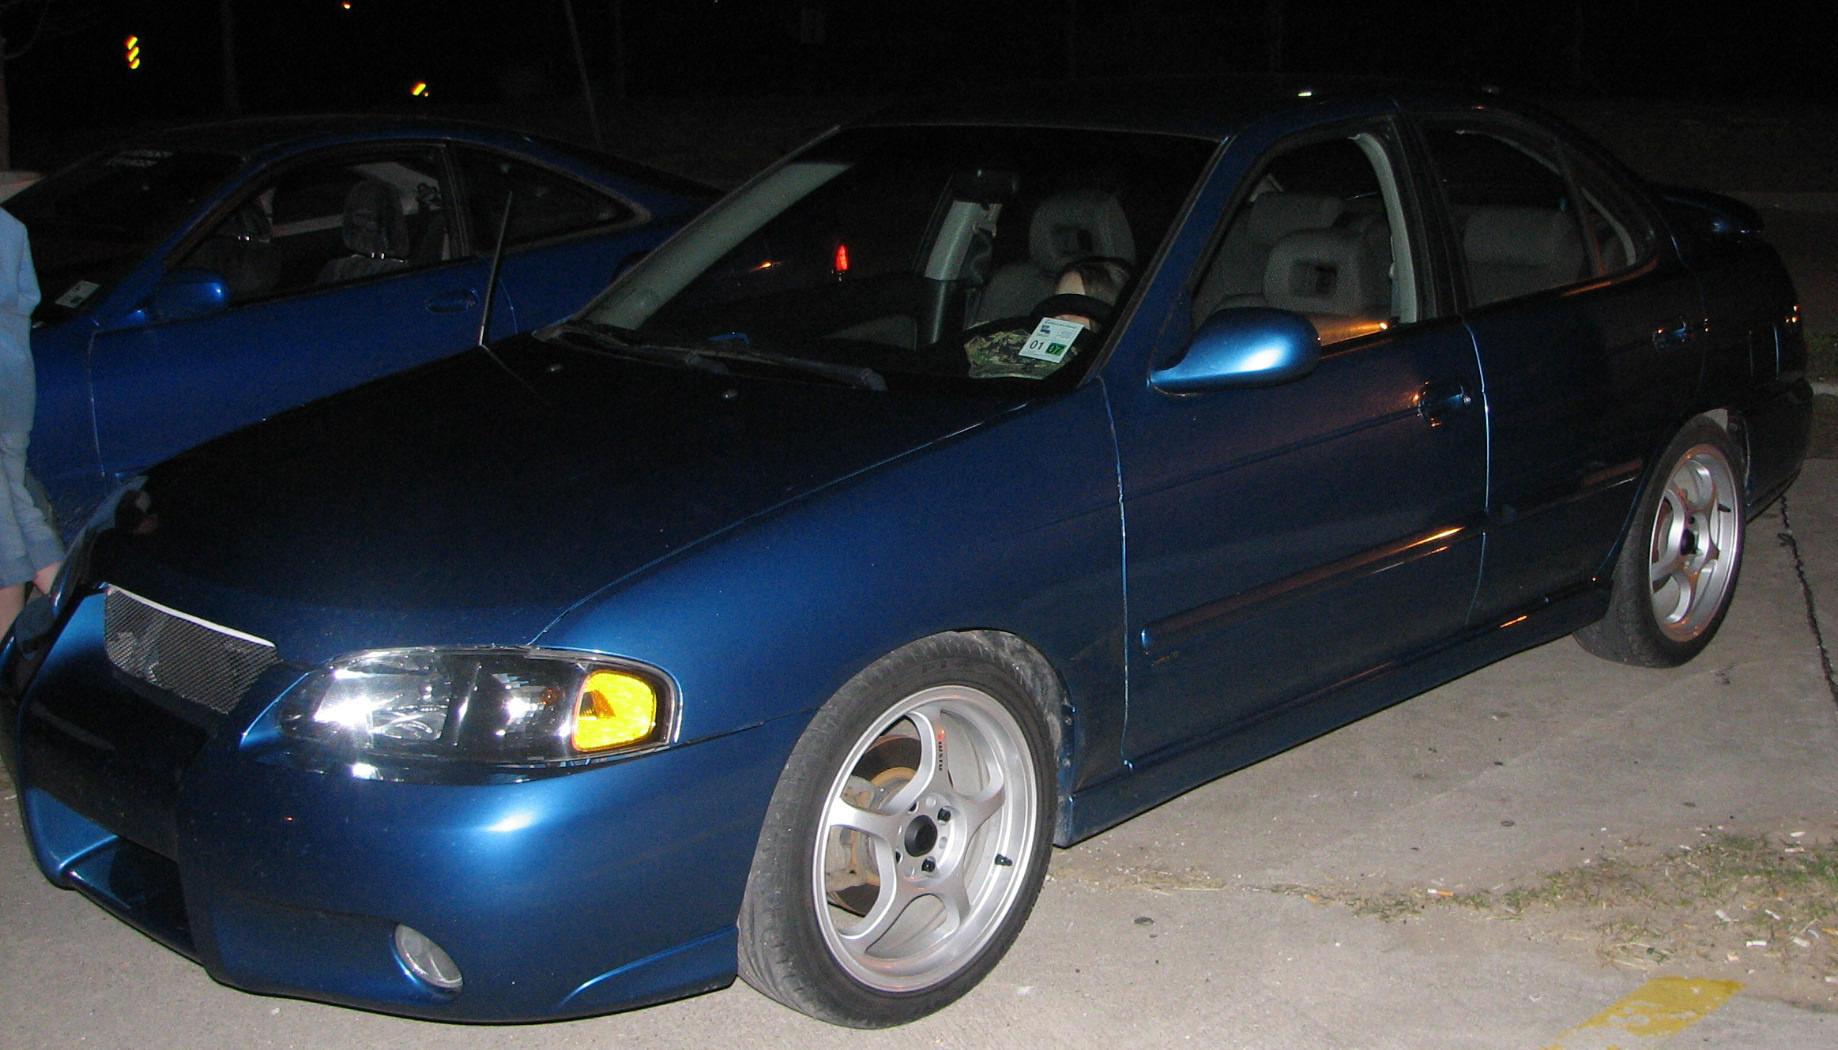 hight resolution of 2003 nissan sentra ser specv turbo